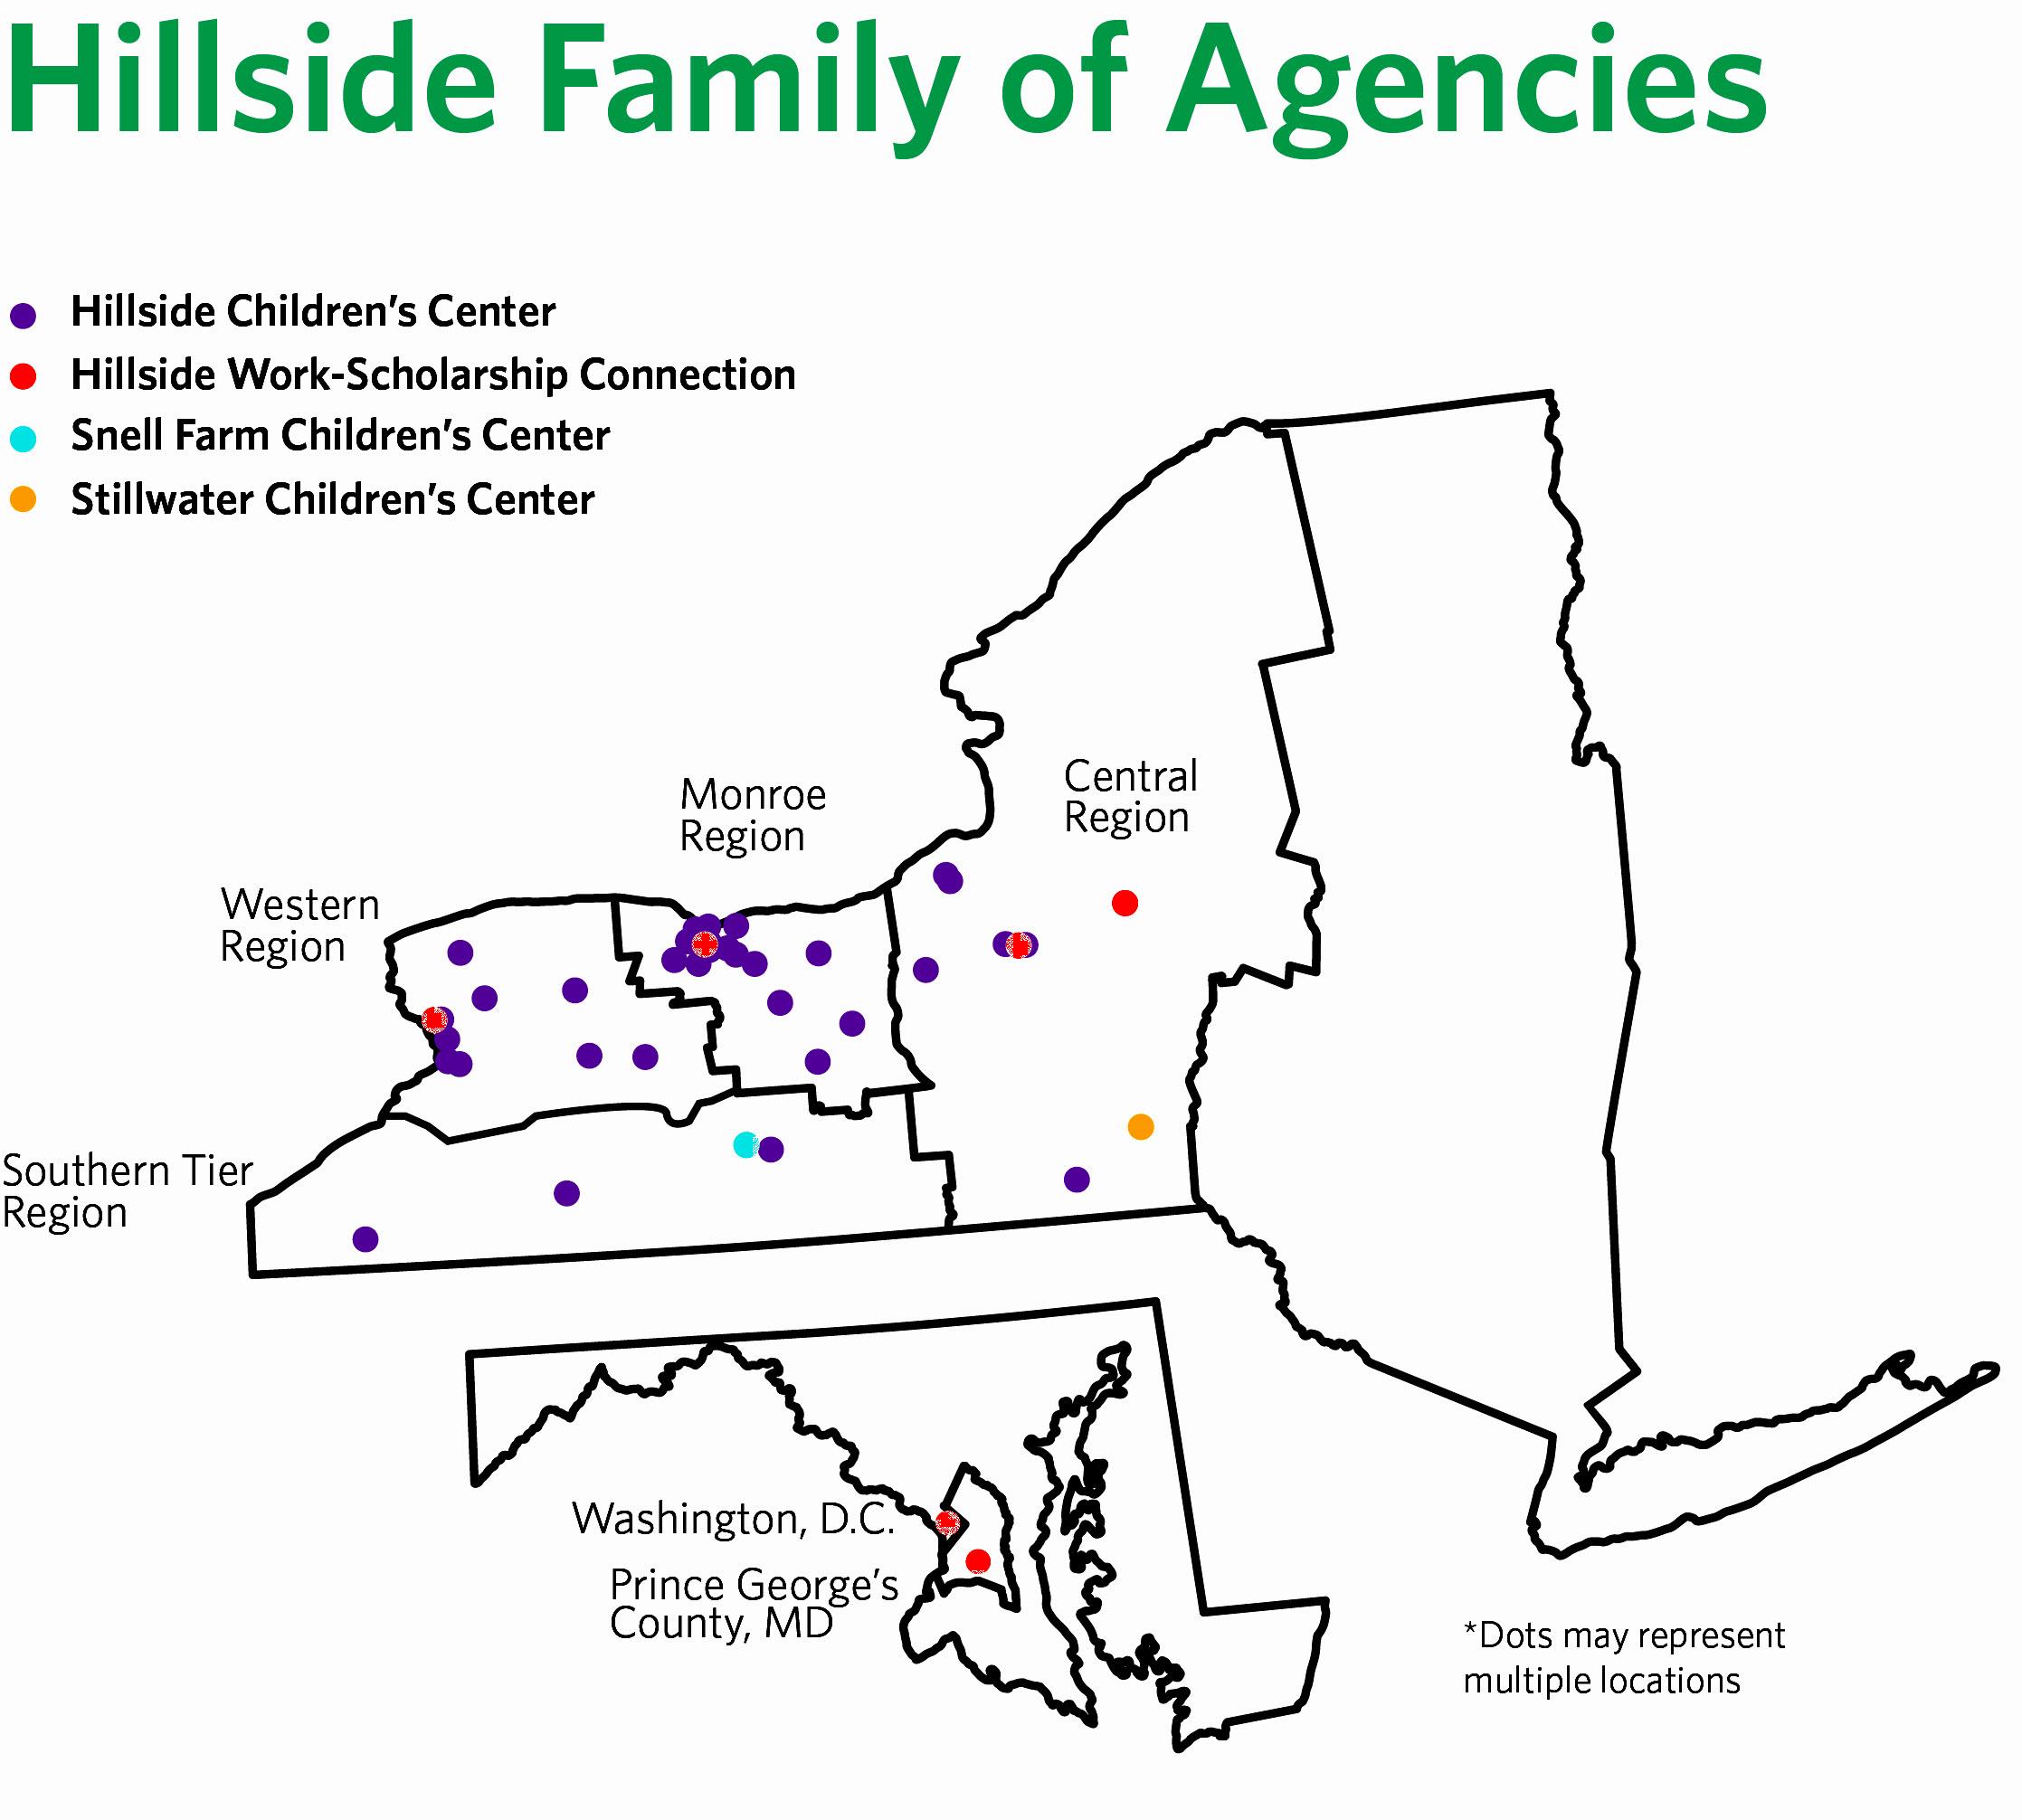 regions-and-affiliates